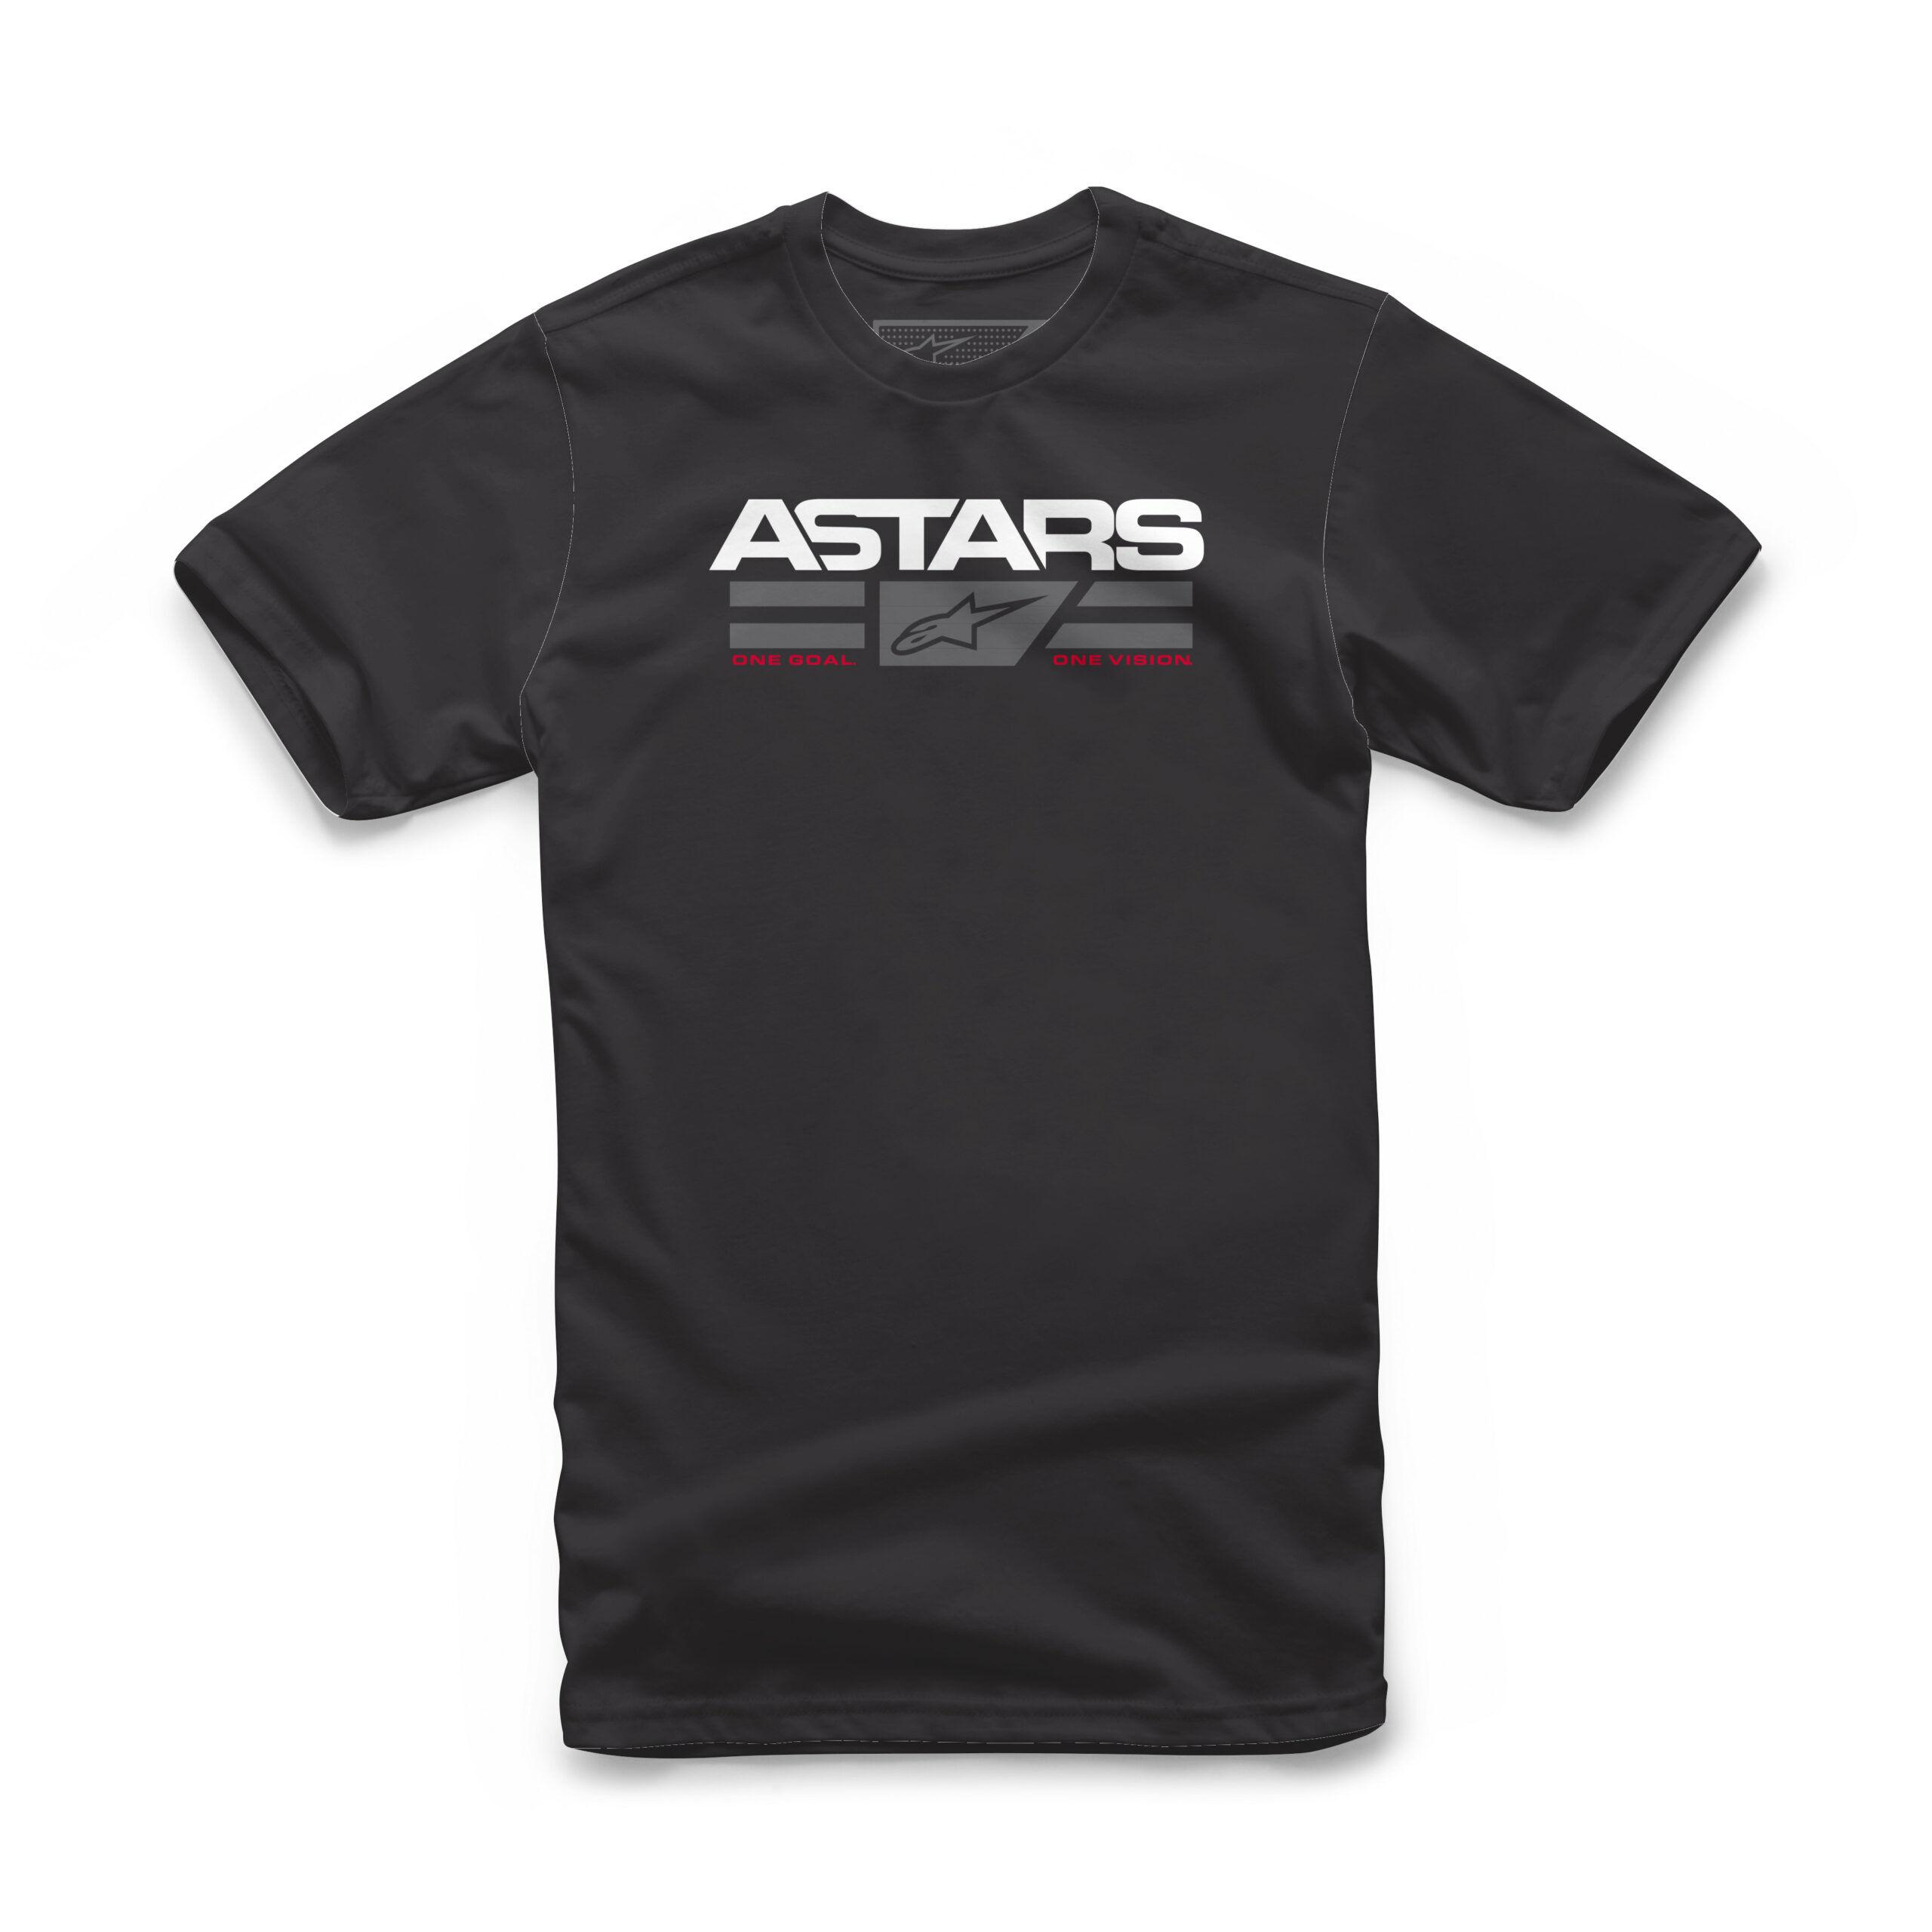 Alpinestars Astars Logo mannen Tee - zwart